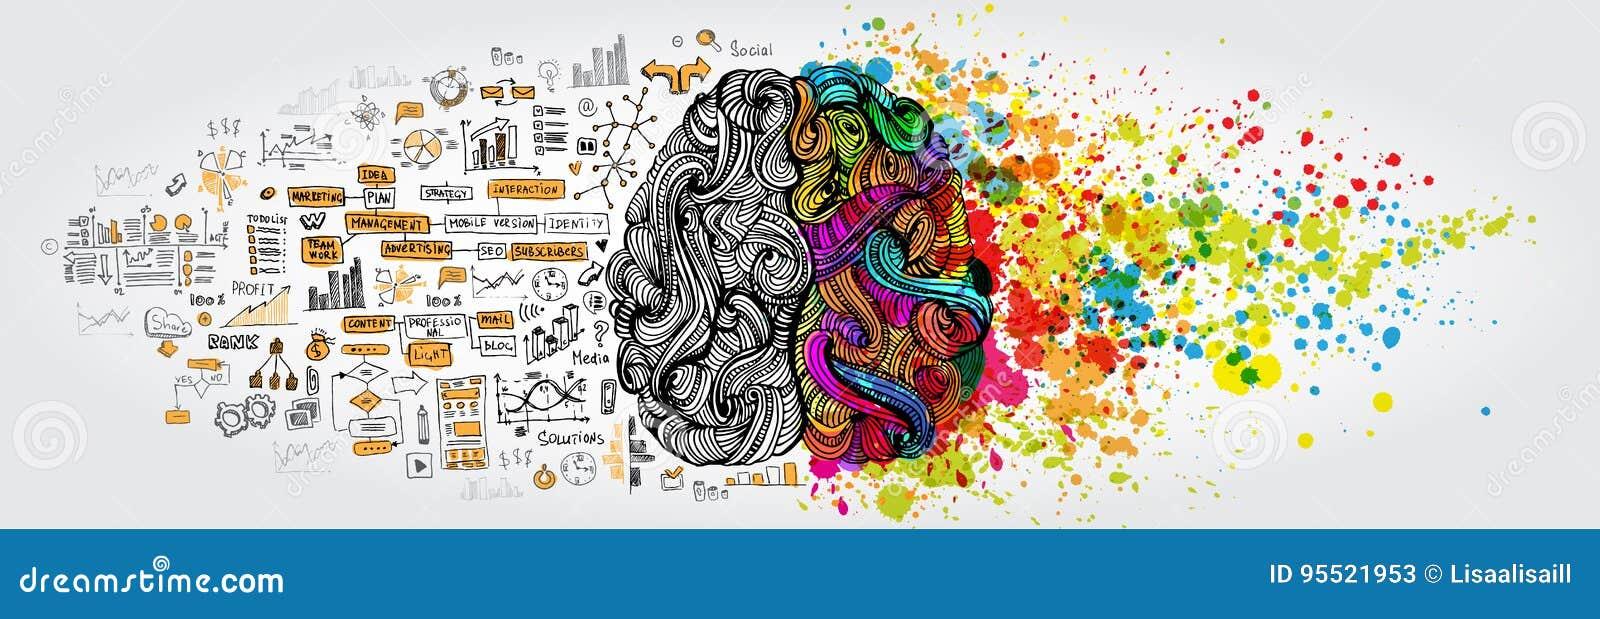 Vänstert högert begrepp för mänsklig hjärna Den idérika delen och logik särar med samkvämmen och affärsklotter